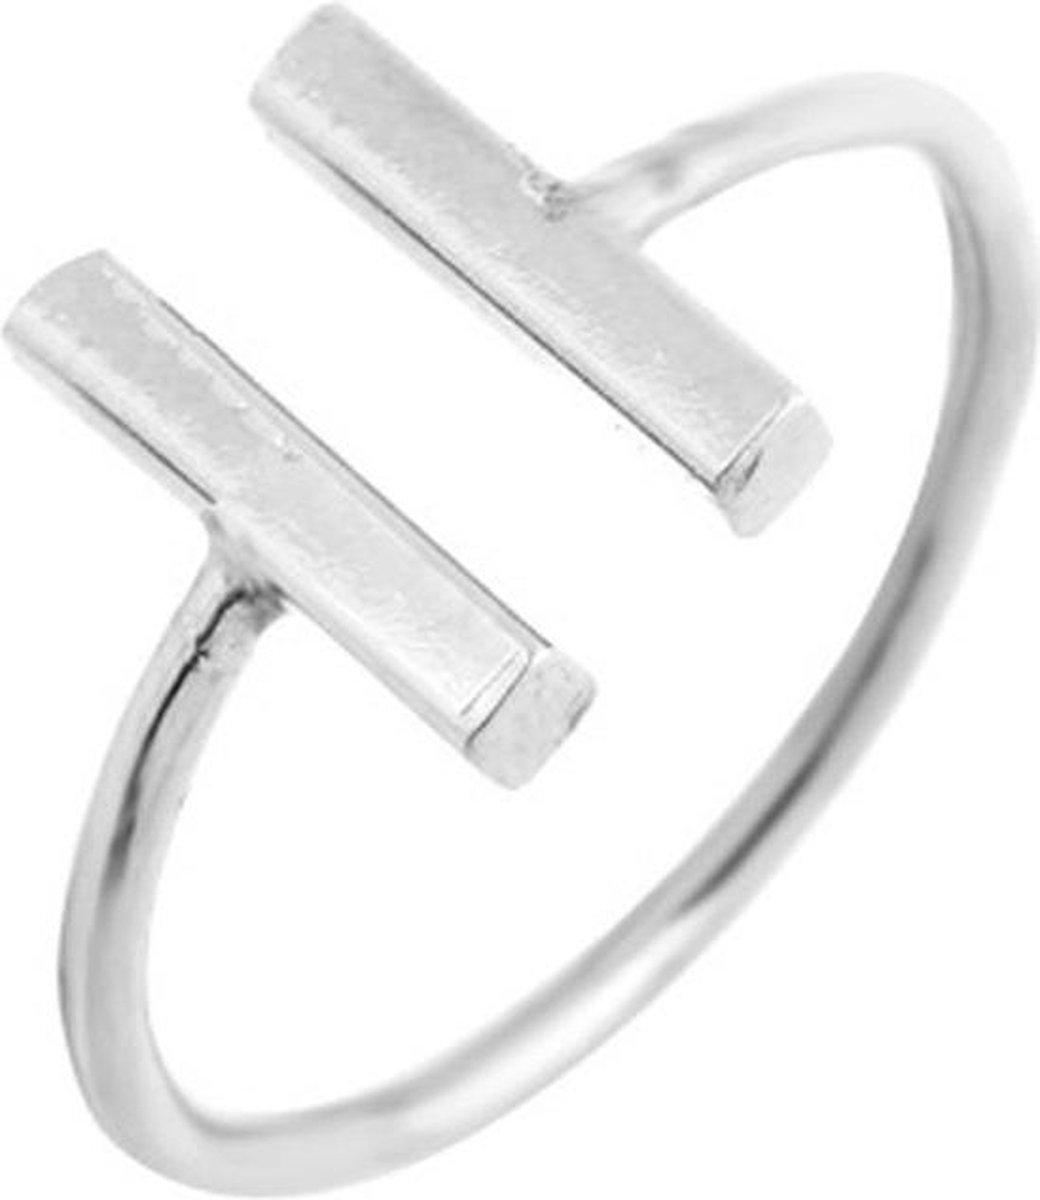 Dubbele bar minimalistische ring staafjes verstelbaar - zilverkleurig - Merkloos